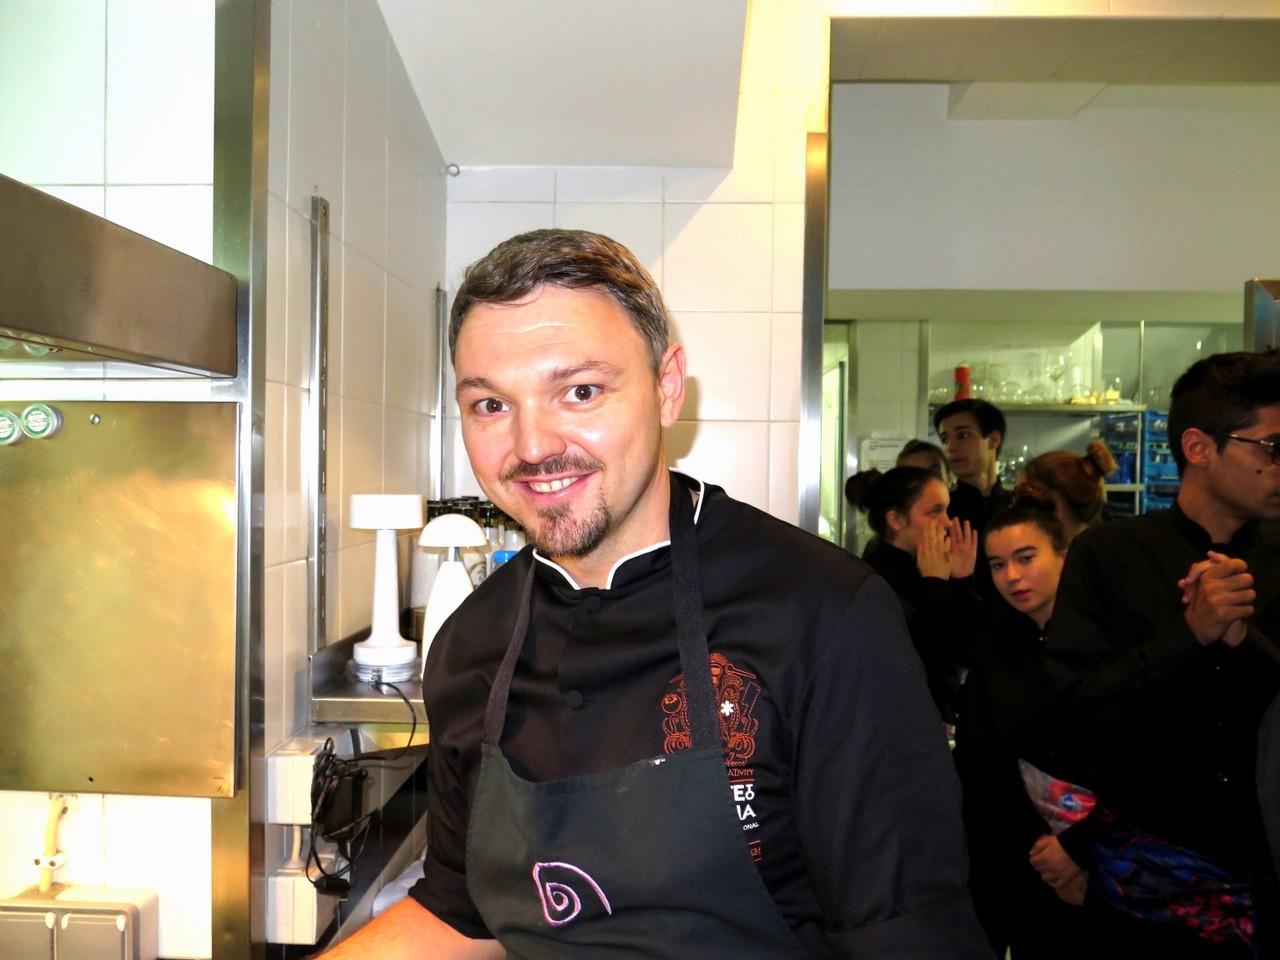 Peter Hagen